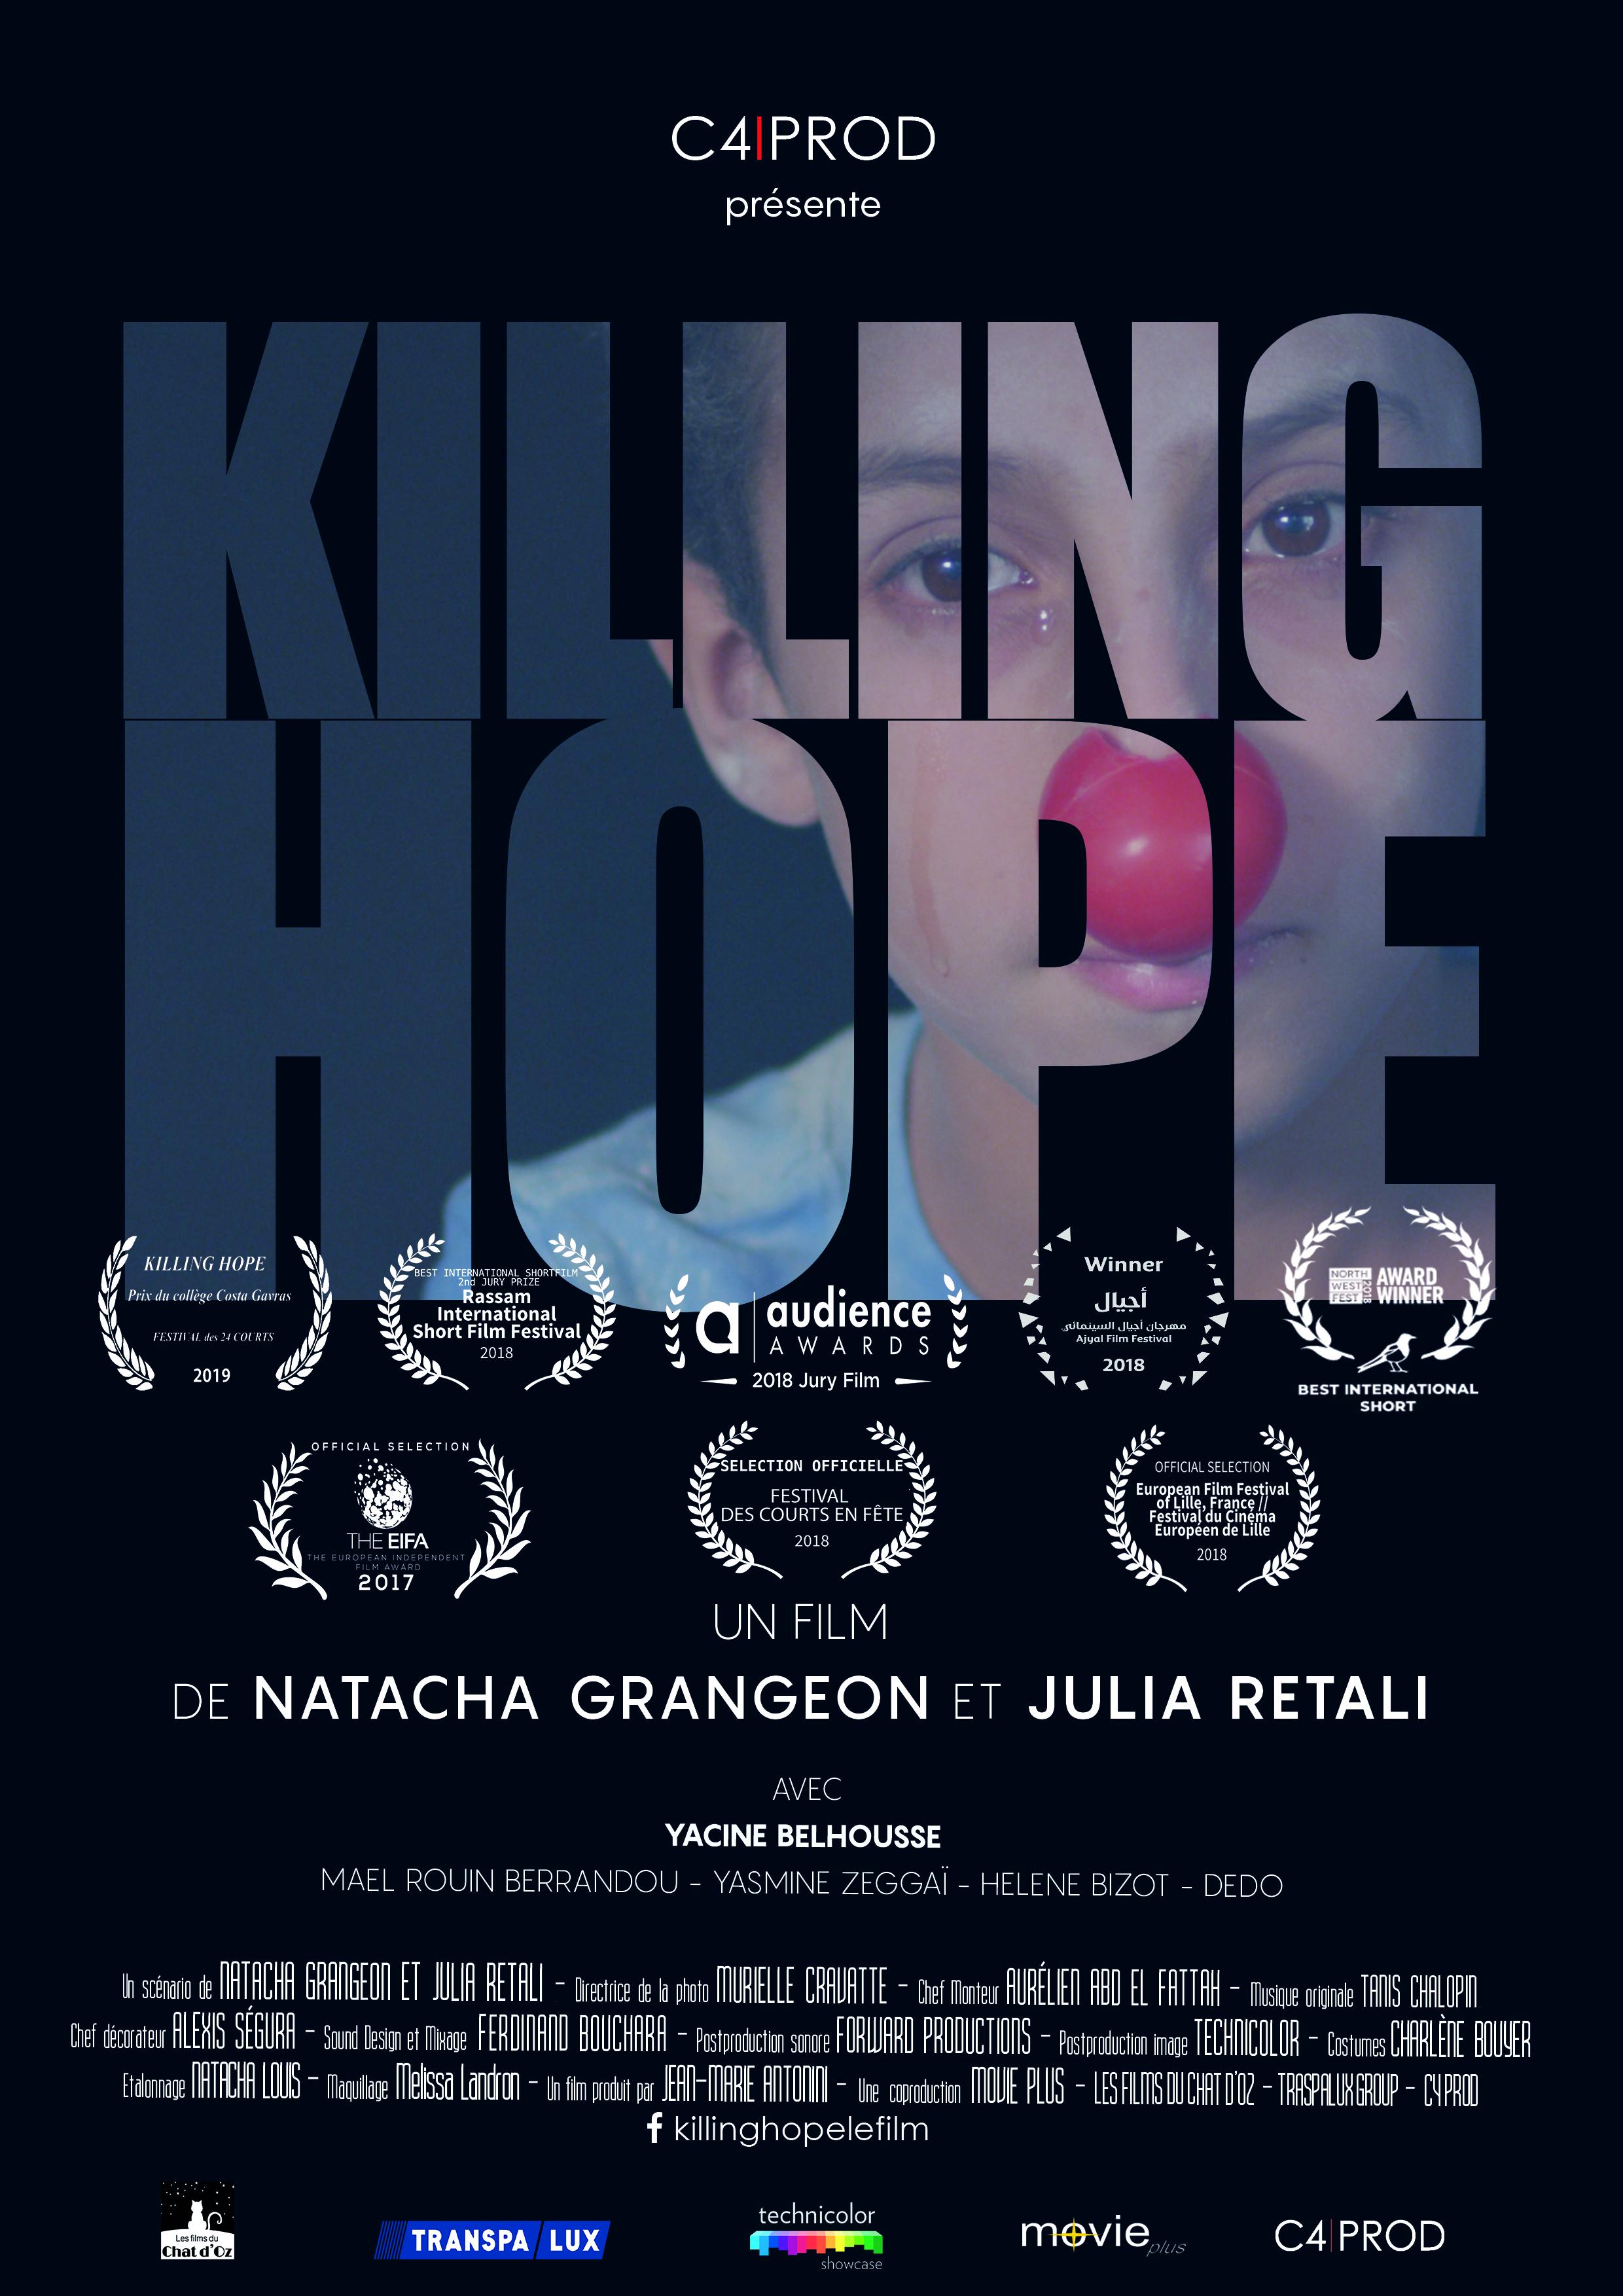 Killing Hope - Film et scénario de Julia Retali et Natacha Grangeon (Film produit)Genre : DrameDurée : 17'Coproduction : Les films du Chat d'Oz , Movie plusAnas al-Basha, 24 ans, n'est pas un simple citoyen syrien. Au plein cœur d'une Alep déchirée par la guerre civile, sa seule arme est son nez rouge et le sourire des enfants qui l'entourent : il est le dernier clown d'Alep.